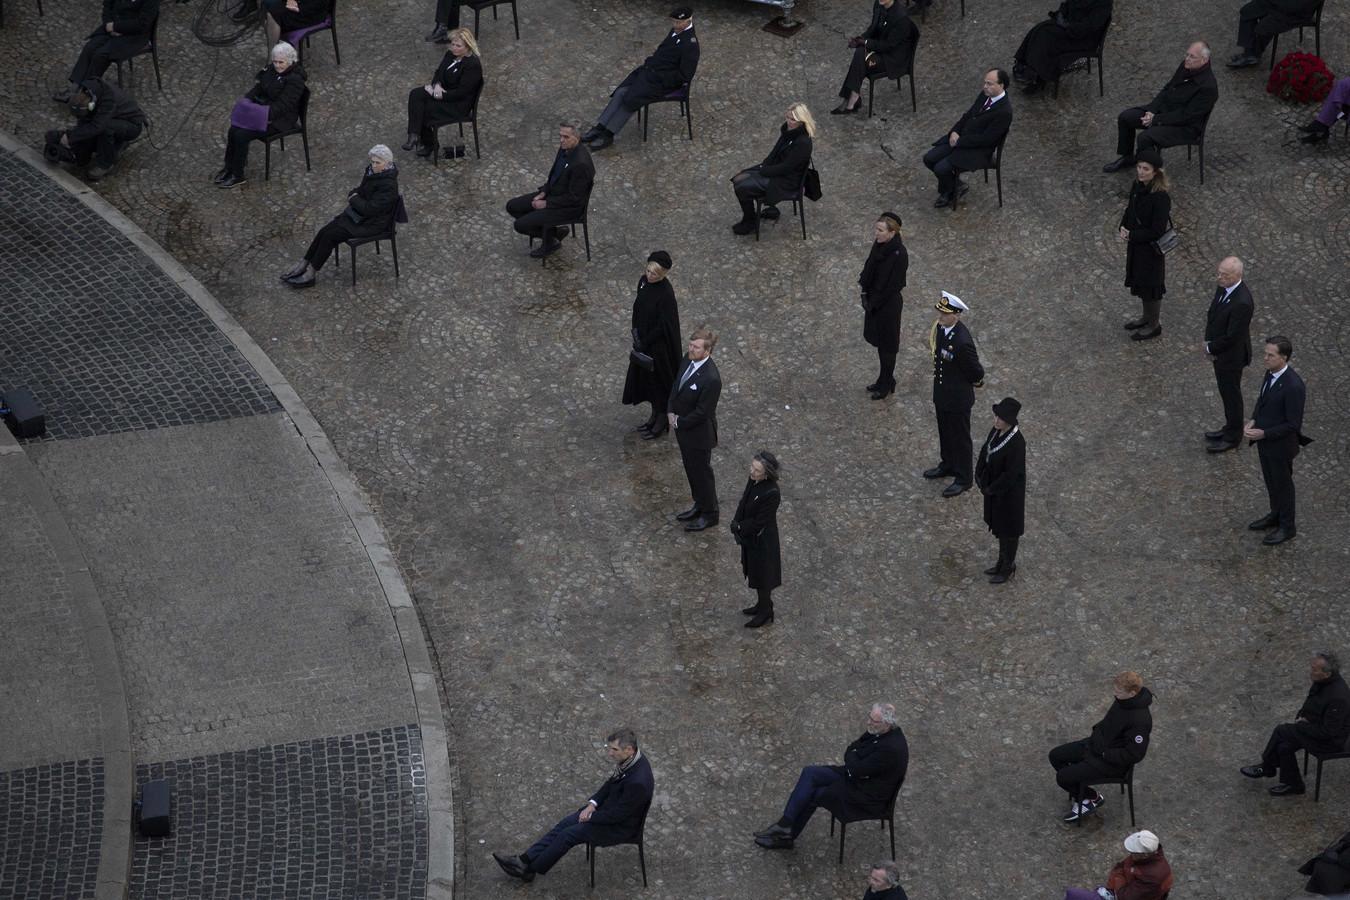 Koning Willem-Alexander en koningin Maxima tijdens de Nationale Dodenherdenking op de Dam. Vanwege het coronavirus vond de herdenking, net als vorig jaar, met weinig publiek plaats.